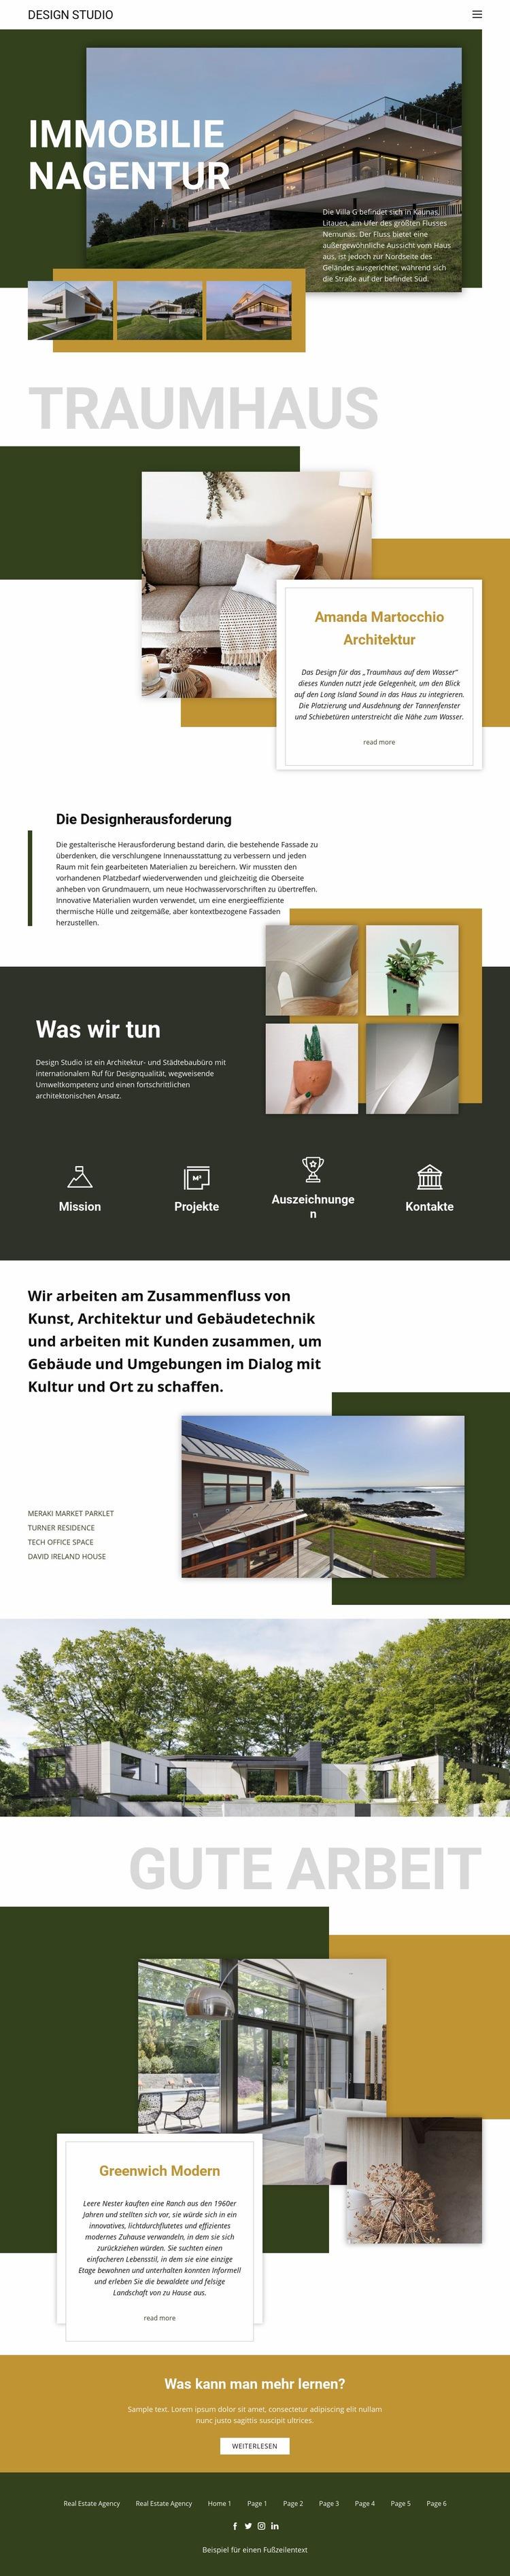 Traum Immobilienagentur Website-Modell